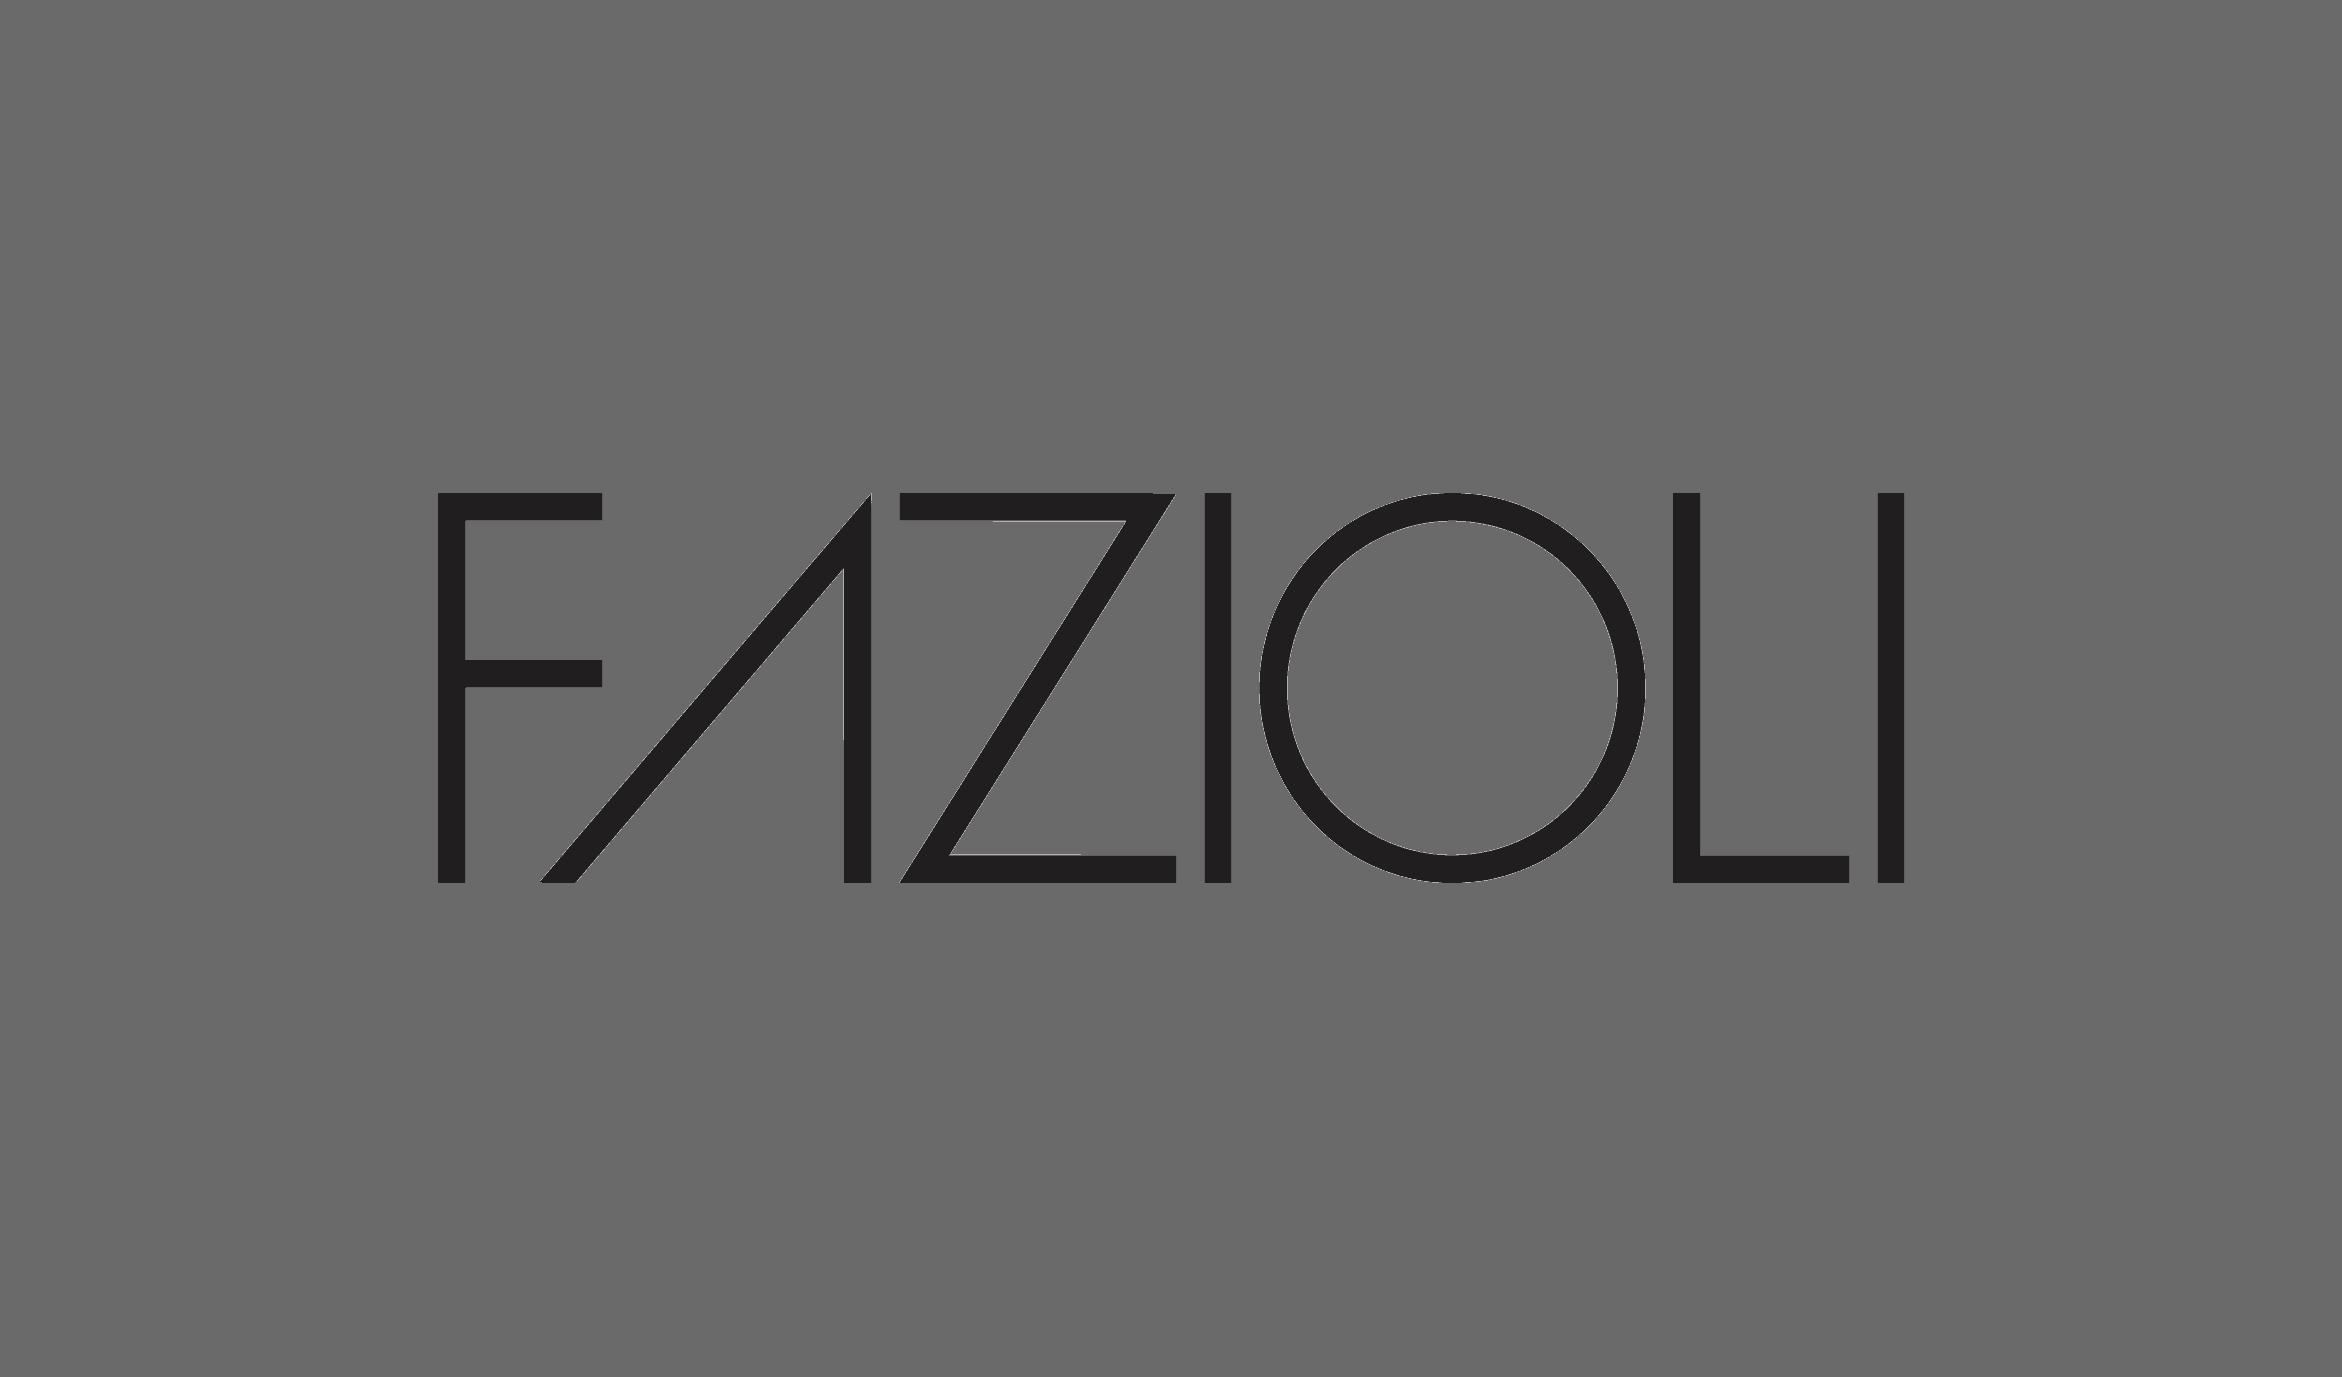 FAZIOLI logotipo dragged copy